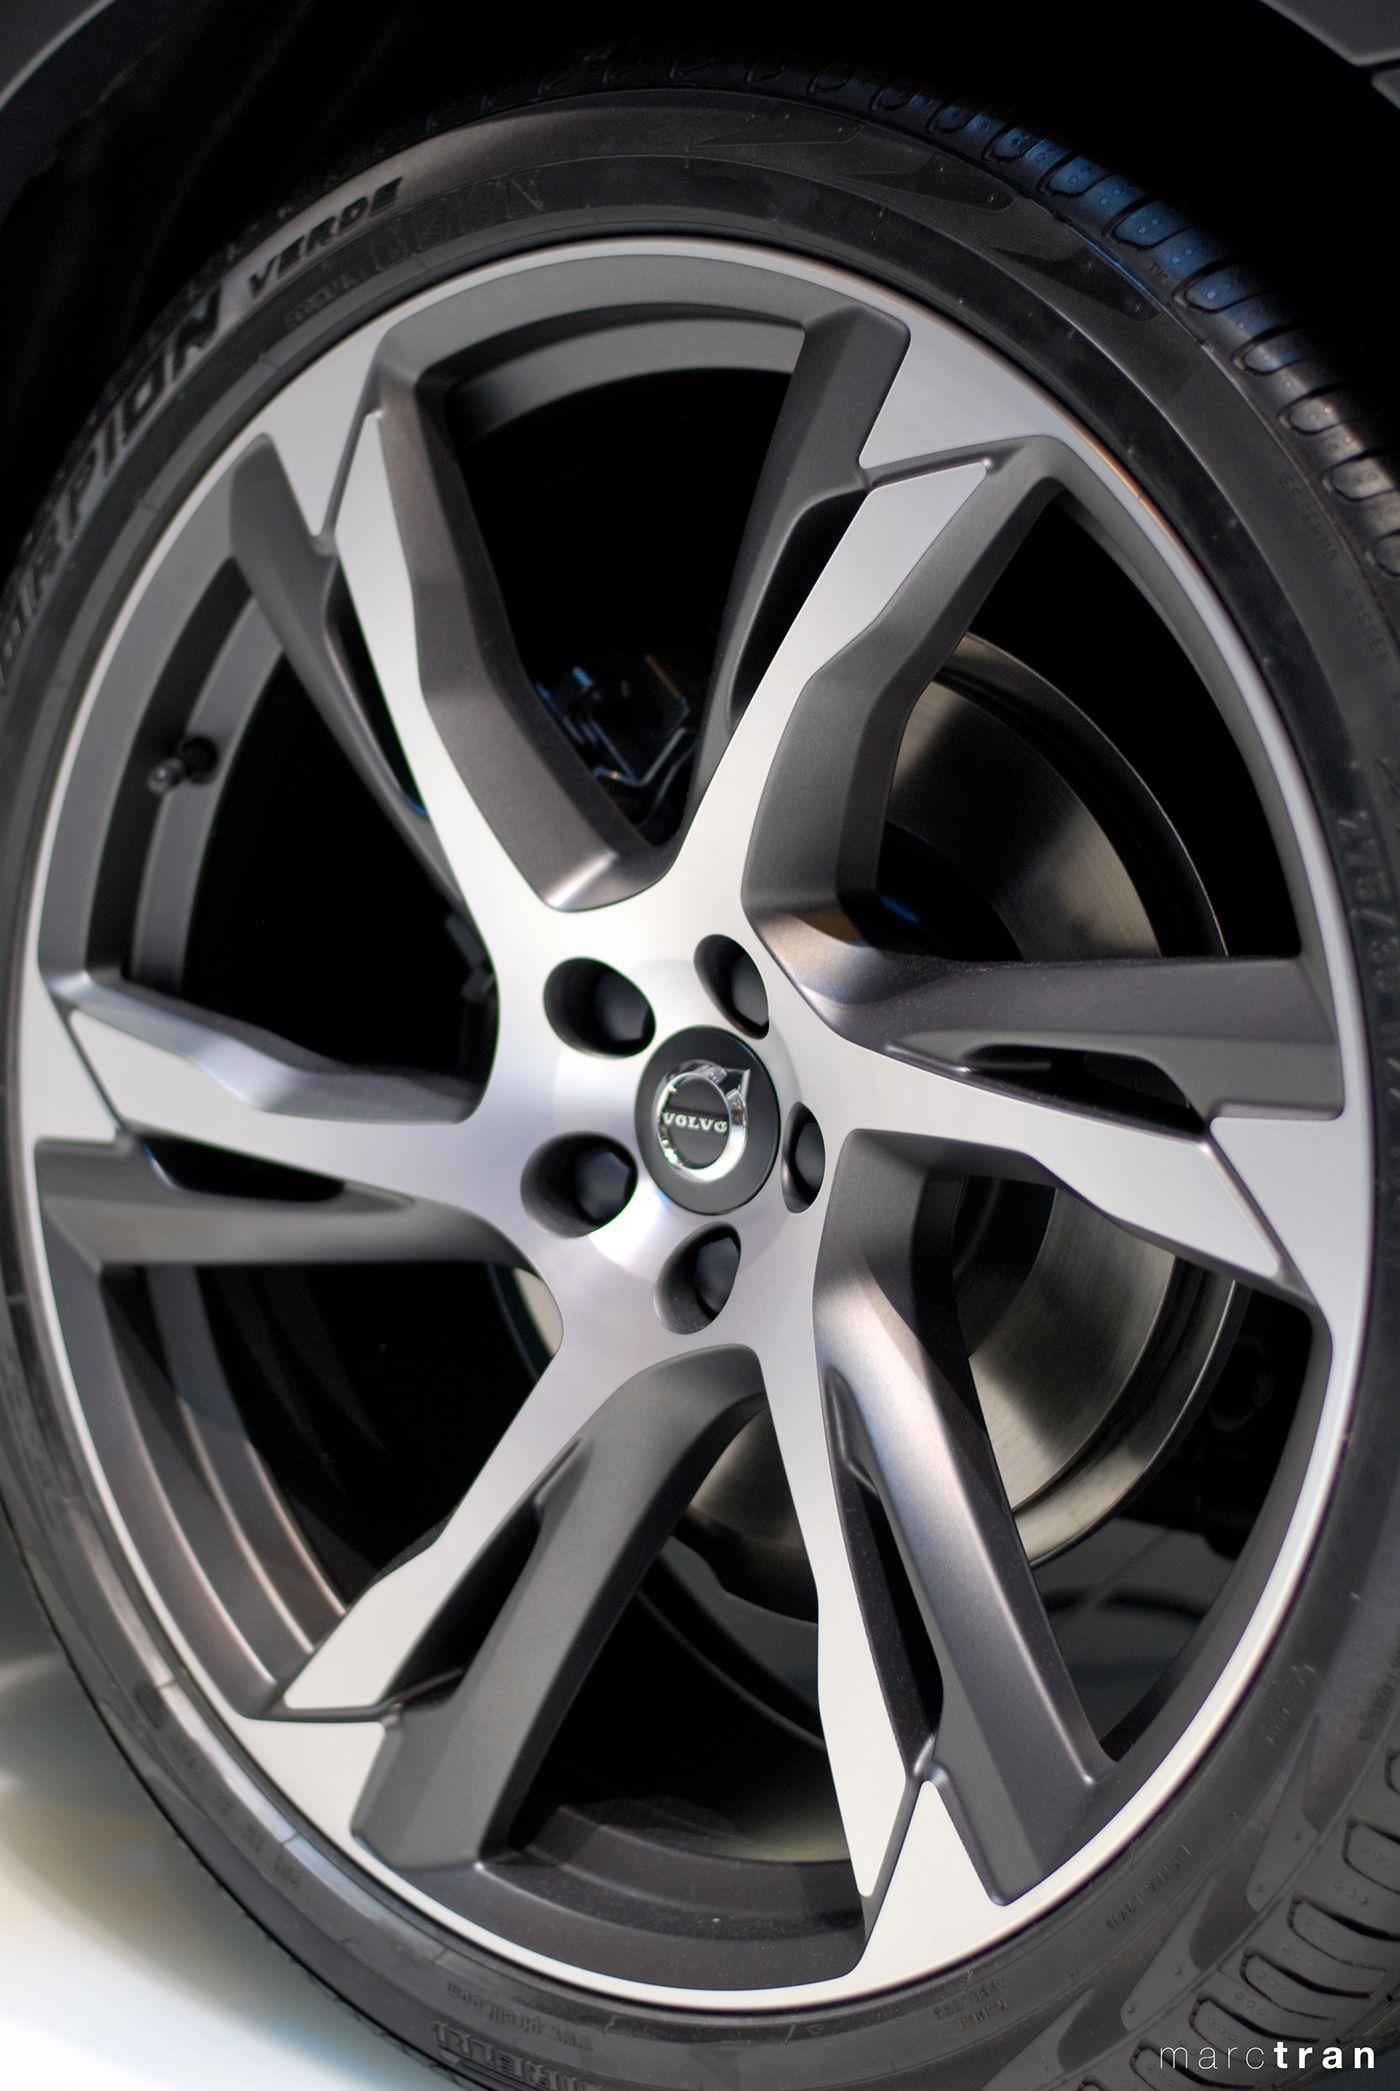 Volkswagen polo gti 2015 cars wheels pinterest volkswagen polo volkswagen and wheels